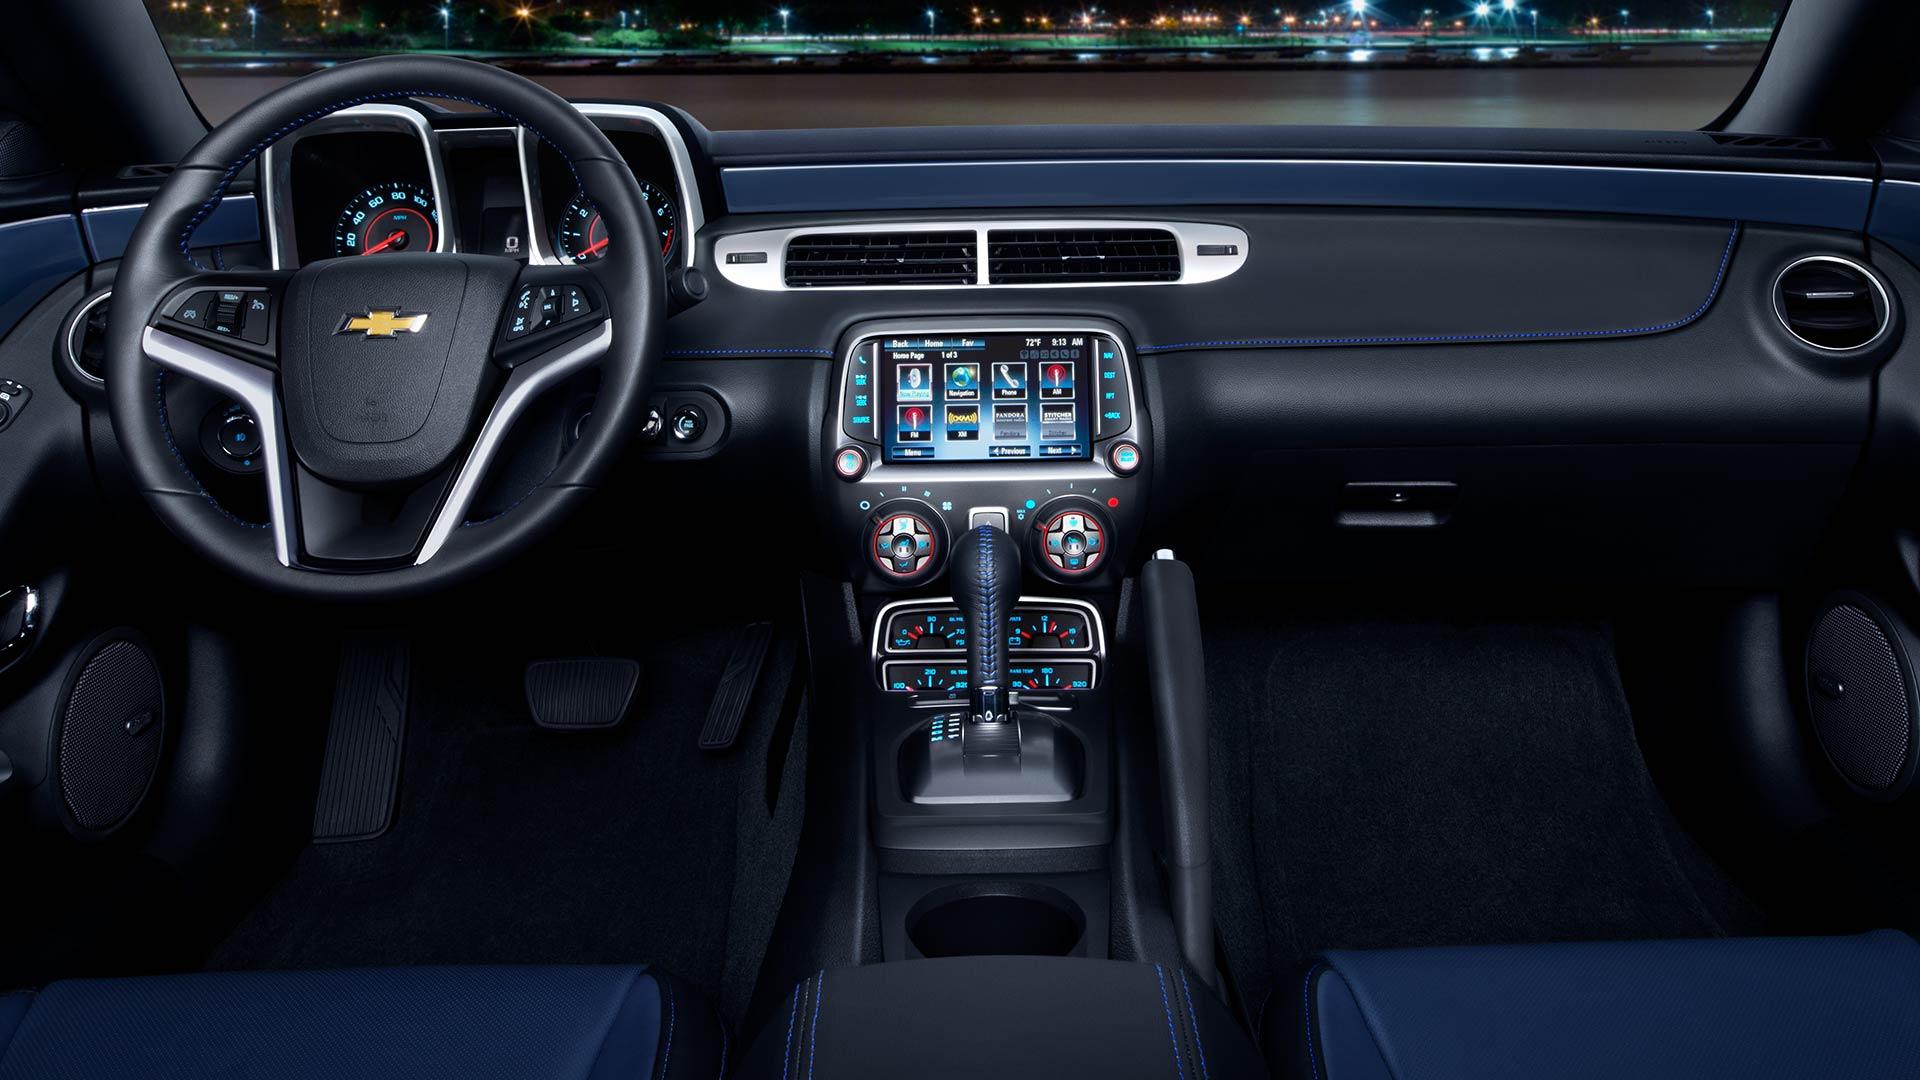 2014 Chevy Malibu MyLink